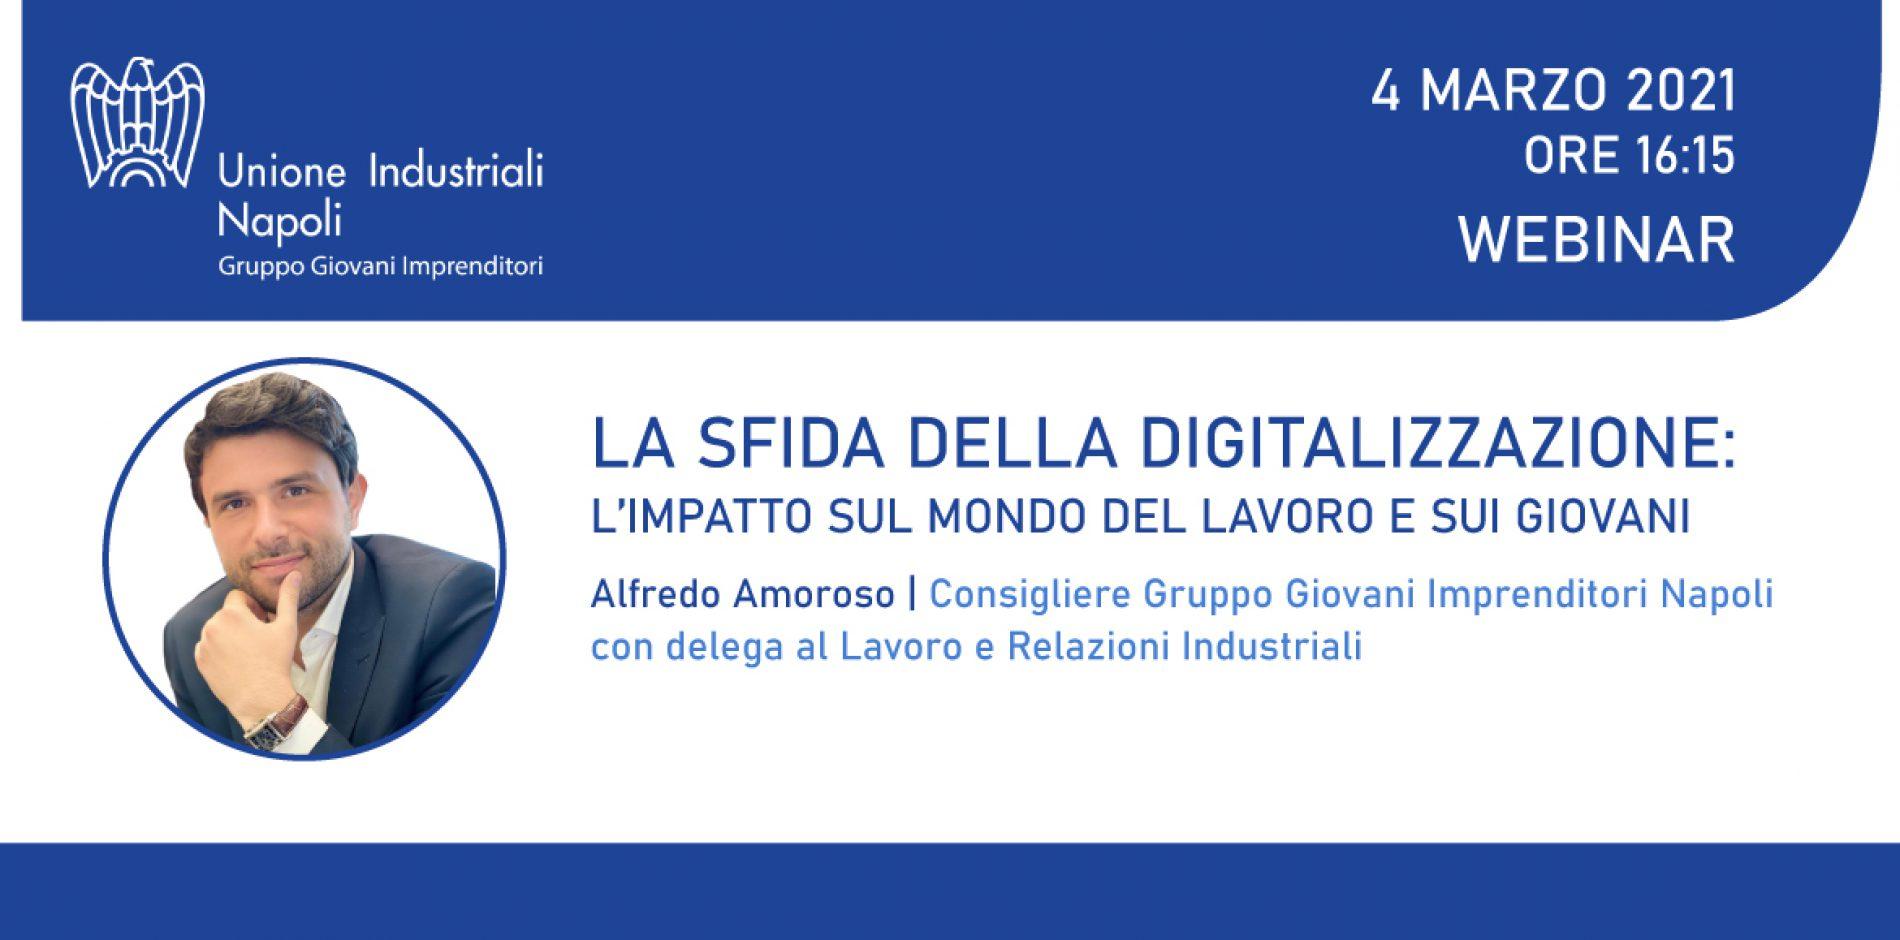 """Alfredo Amoroso parteciperà al webinar """"La sfida della digitalizzazione: l'impatto sul mondo del lavoro e sui giovani"""""""